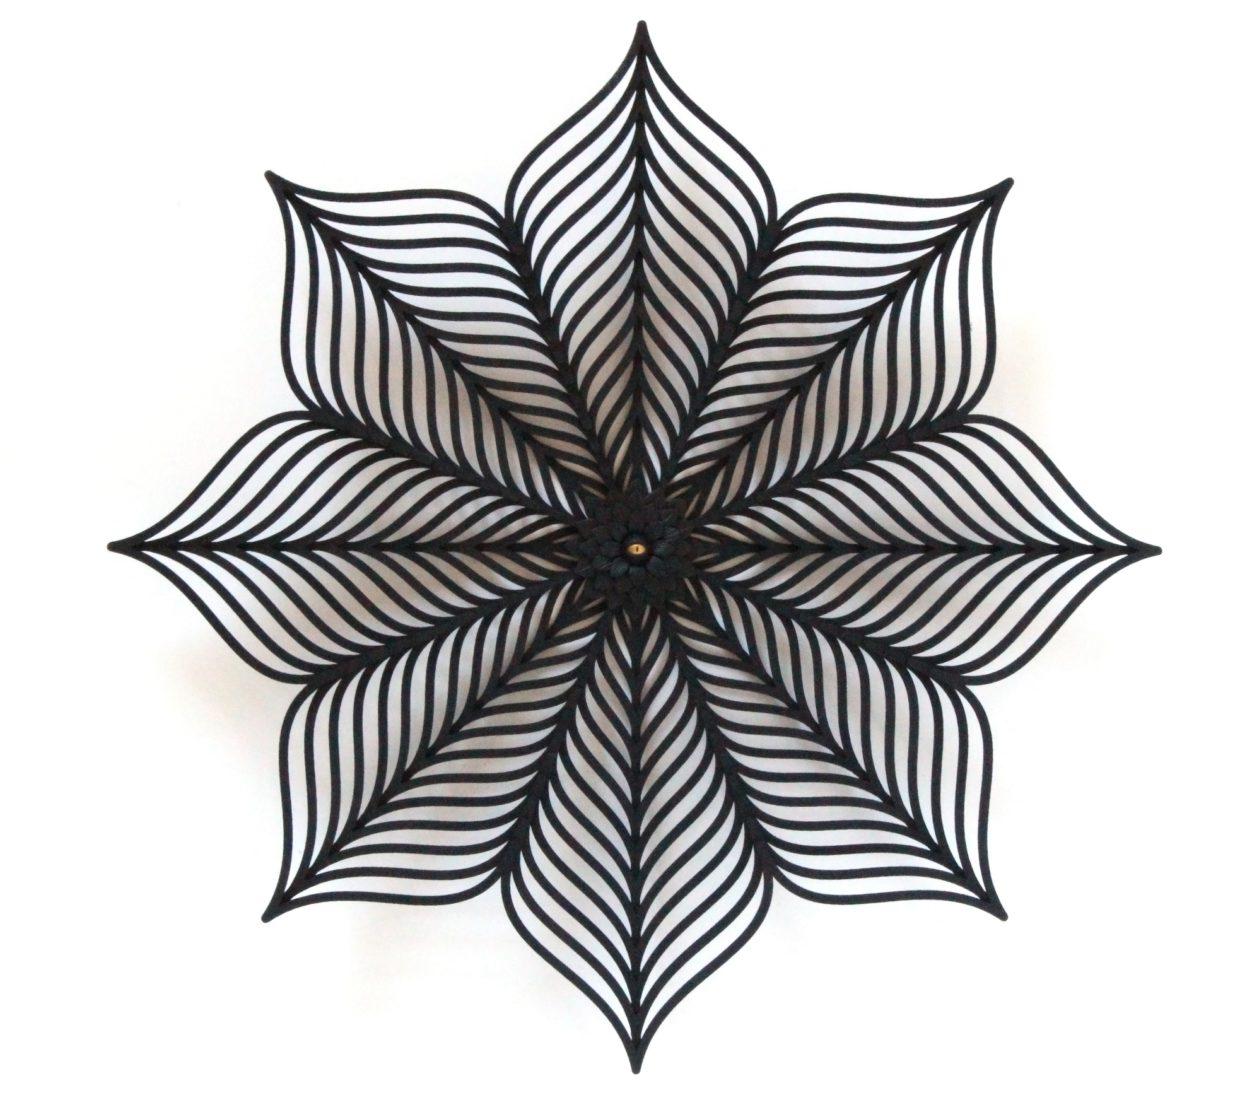 Calais cité dentelle et mode Dorothée Vantorre_Dark flower 3-2